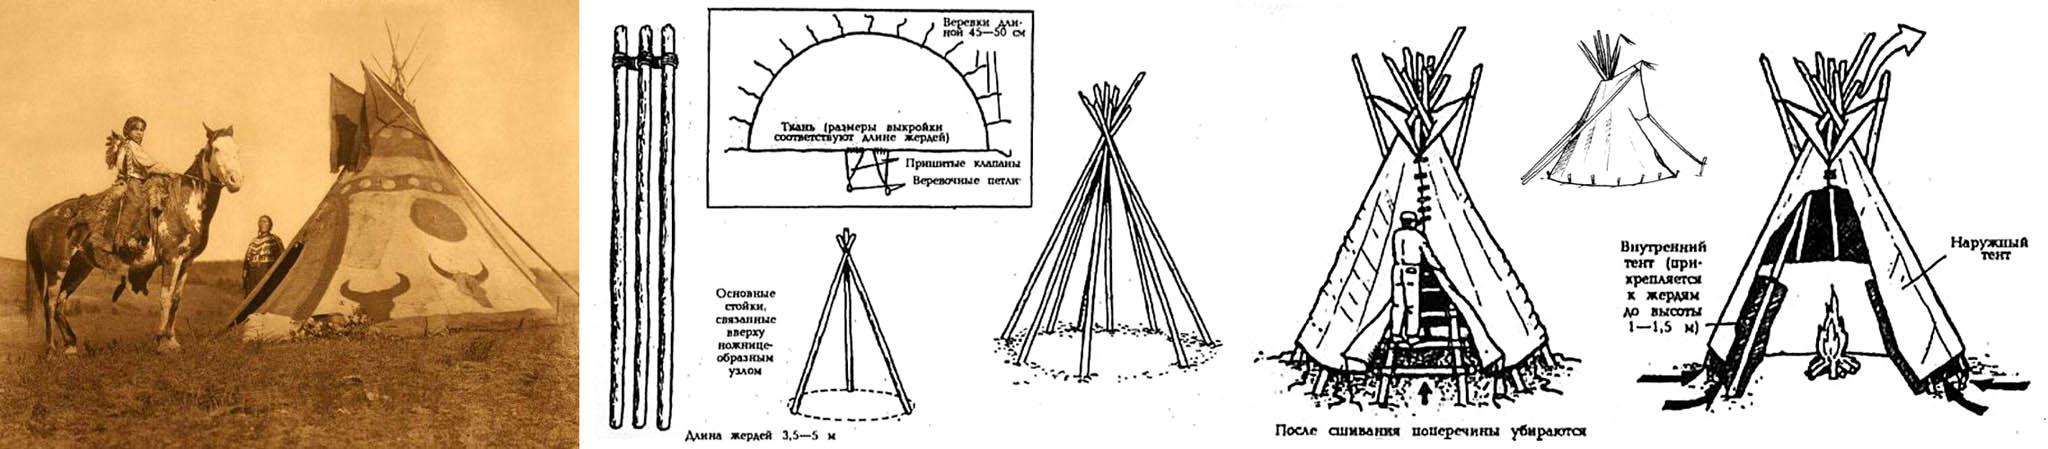 Настоящий индейский вигвам и как его построить